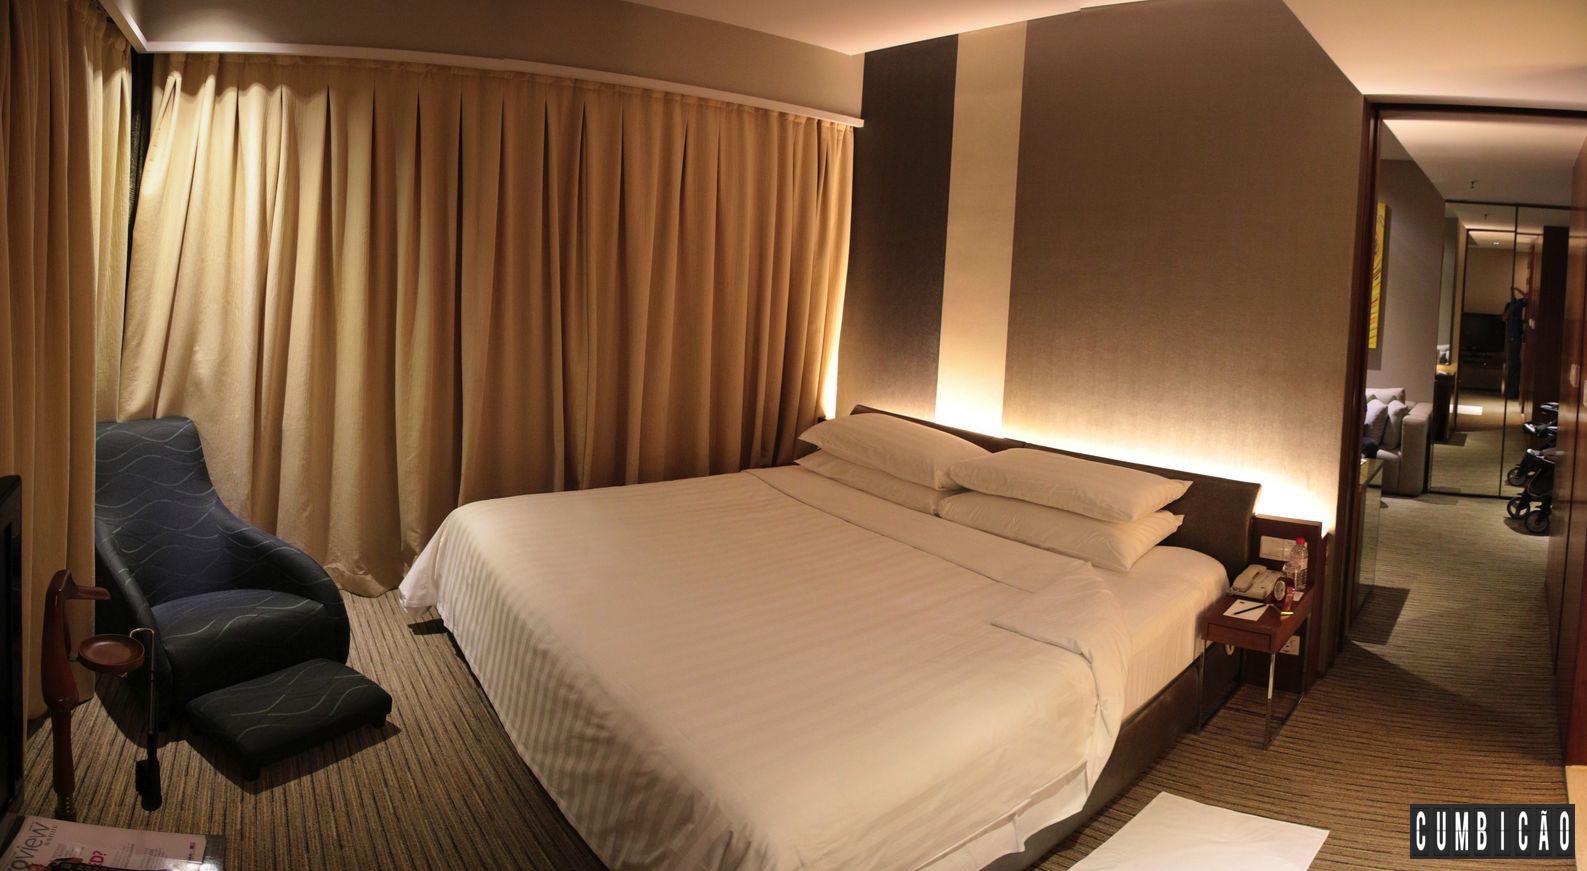 Onde Ficar em Kuala Lumpur? Traders Hotel um 5 estrelas maravilhoso #A1702A 1587 871